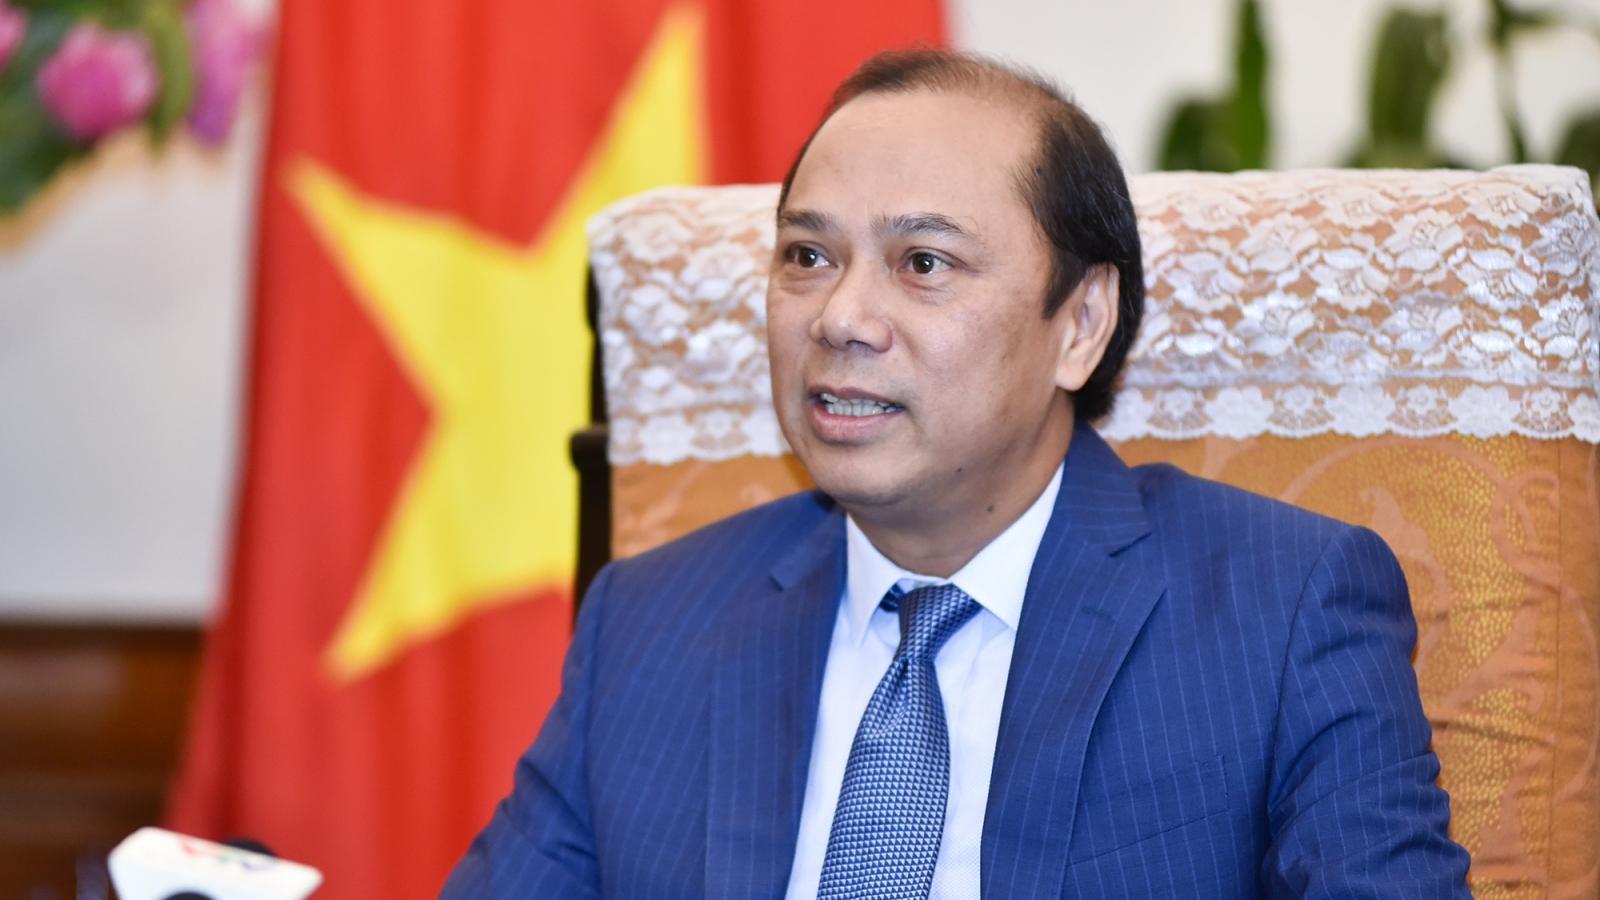 AMM-54: Trung Quốc chấp nhận quan điểm COC phải thực chất, phù hợp luật pháp quốc tế